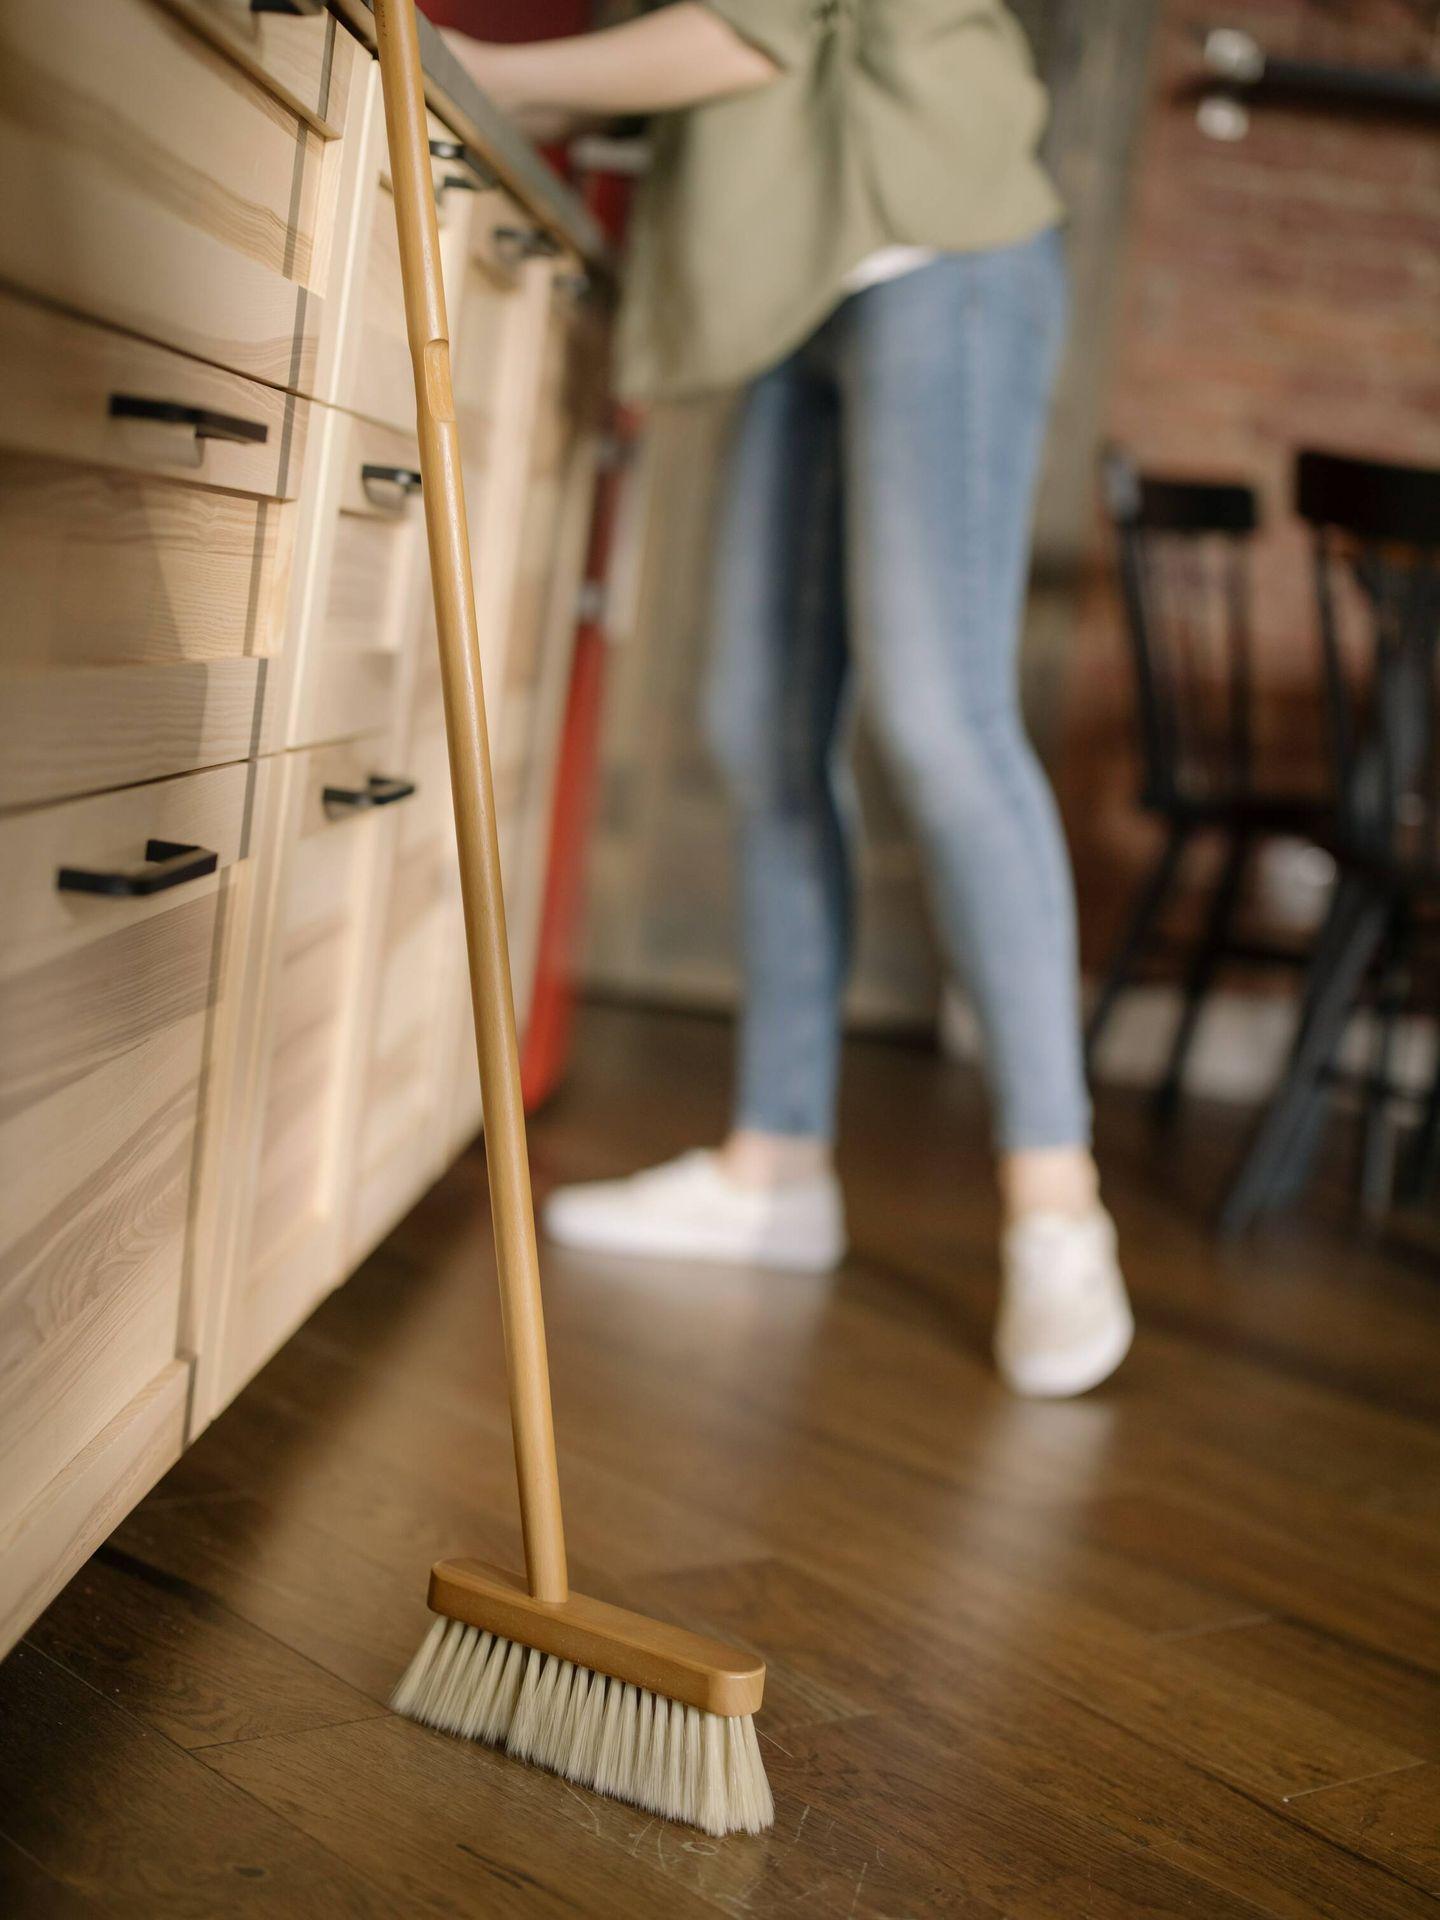 Malos hábitos de limpieza a los que decir adiós. (Cottonbro para Pexels)